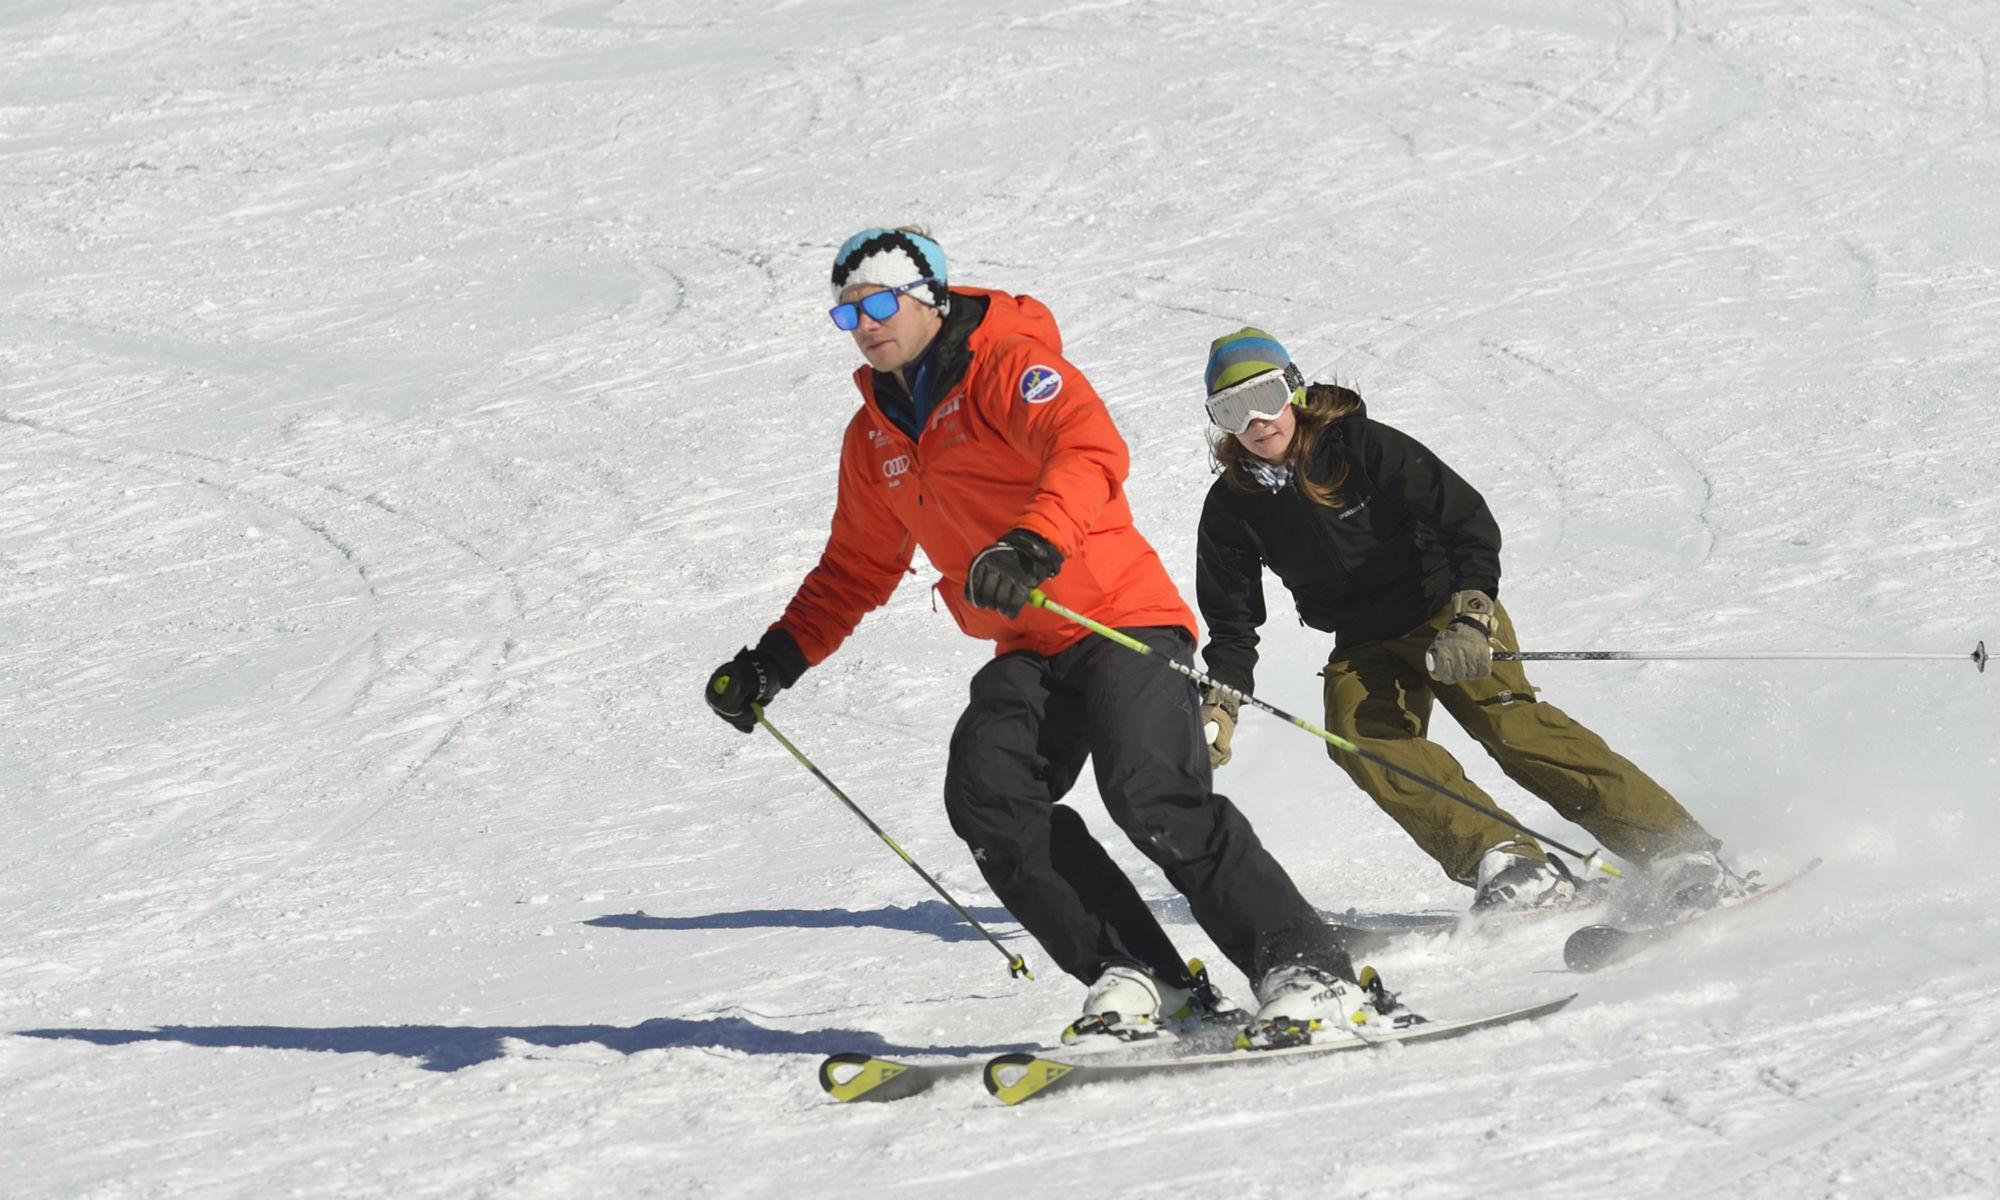 Zwei Skifahrer beim Üben der Skitechnik auf der Piste